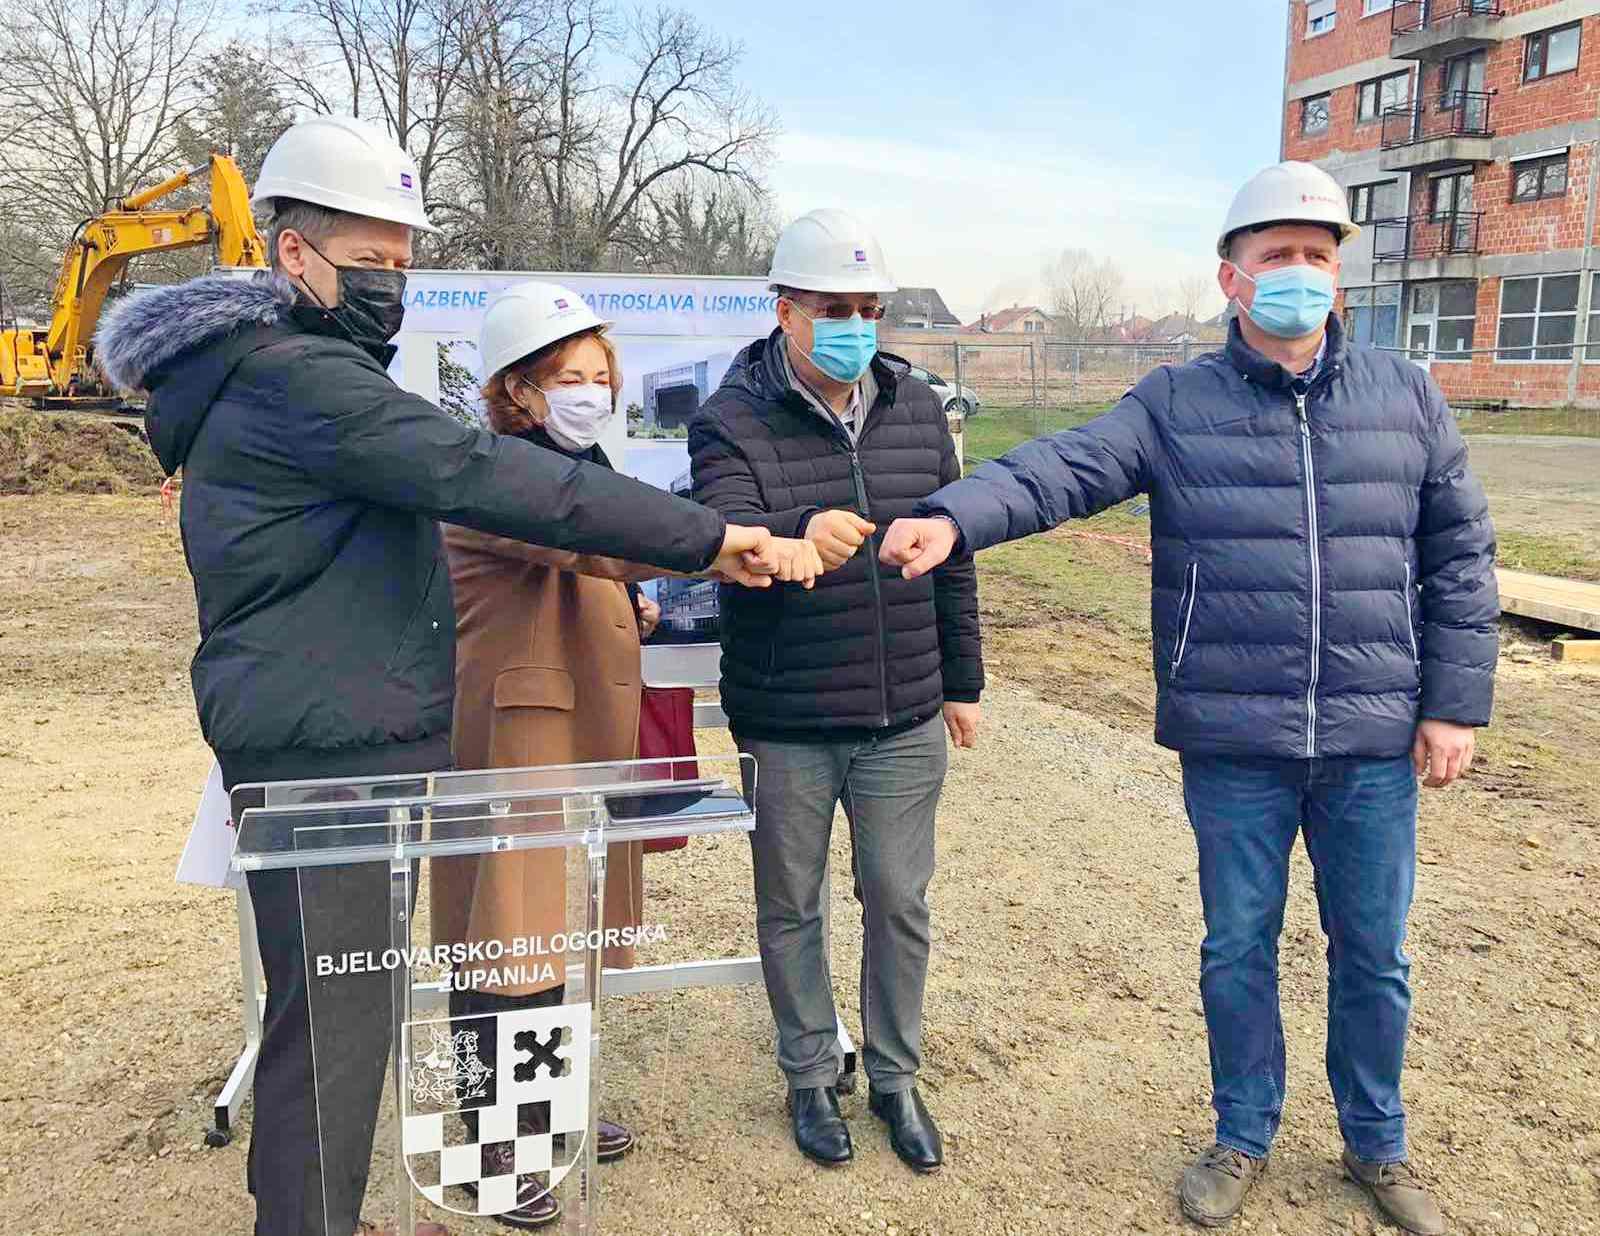 (FOTO) Krenuli radovi na izgradnji nove zgrade Glazbene škole u Bjelovaru